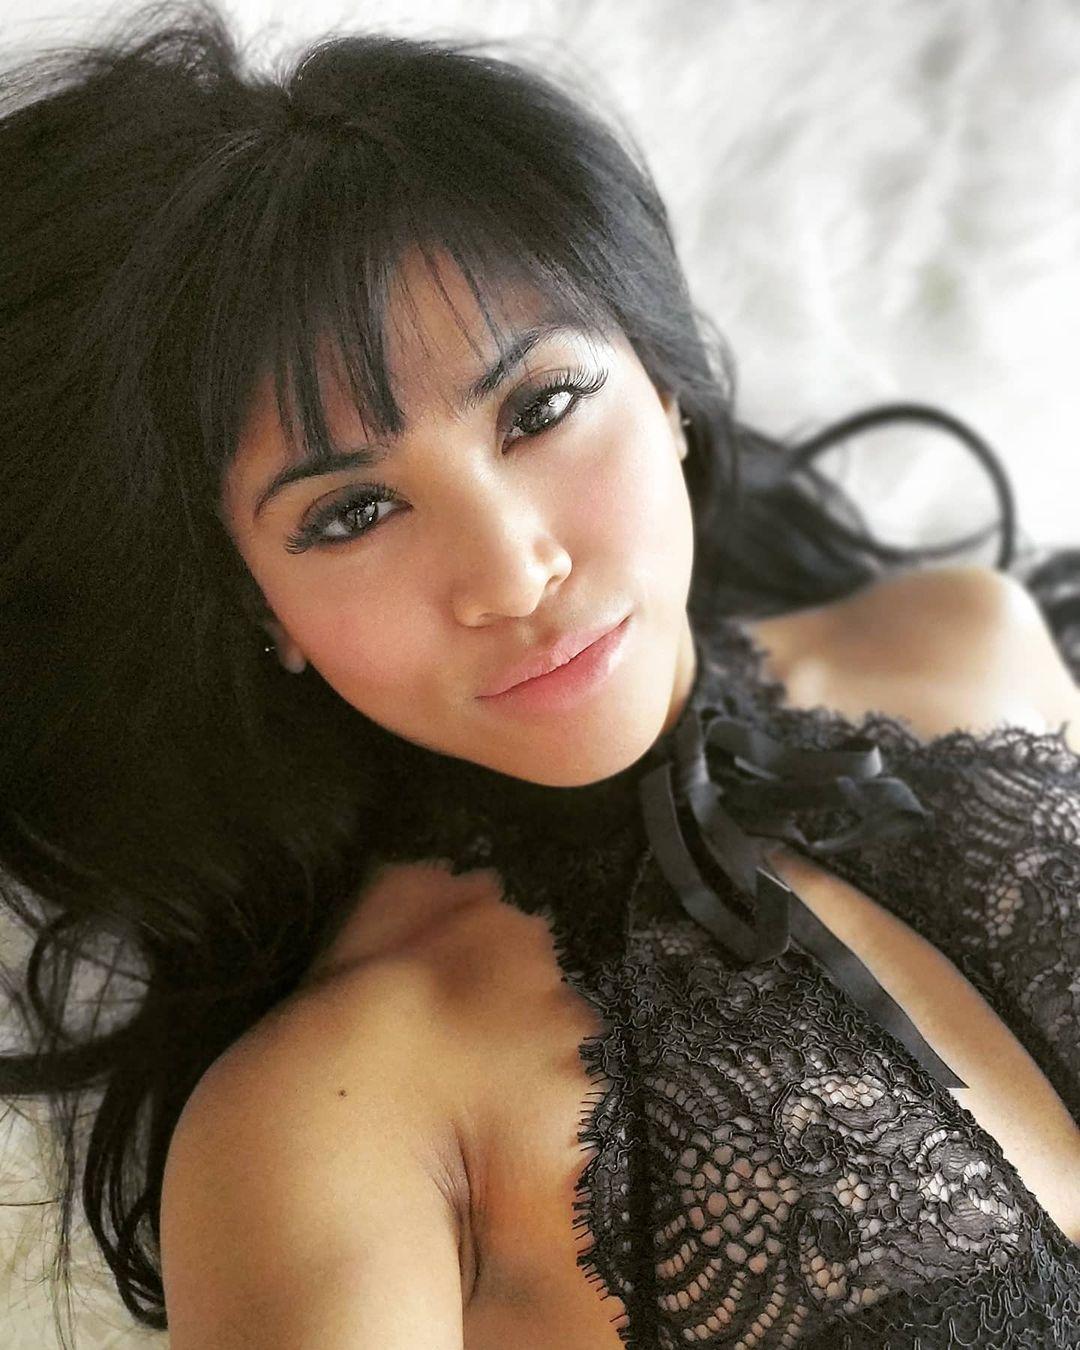 Cam girl Caucasian